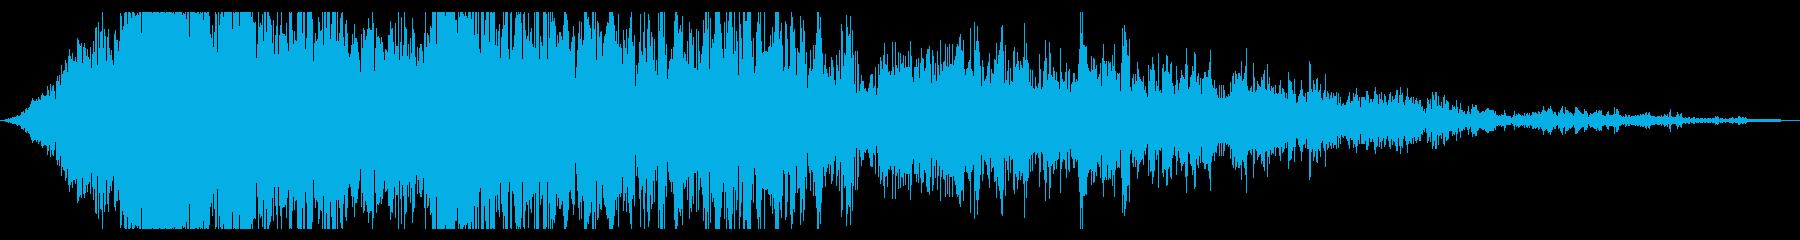 ファイアボール:バックドラフトブラストの再生済みの波形